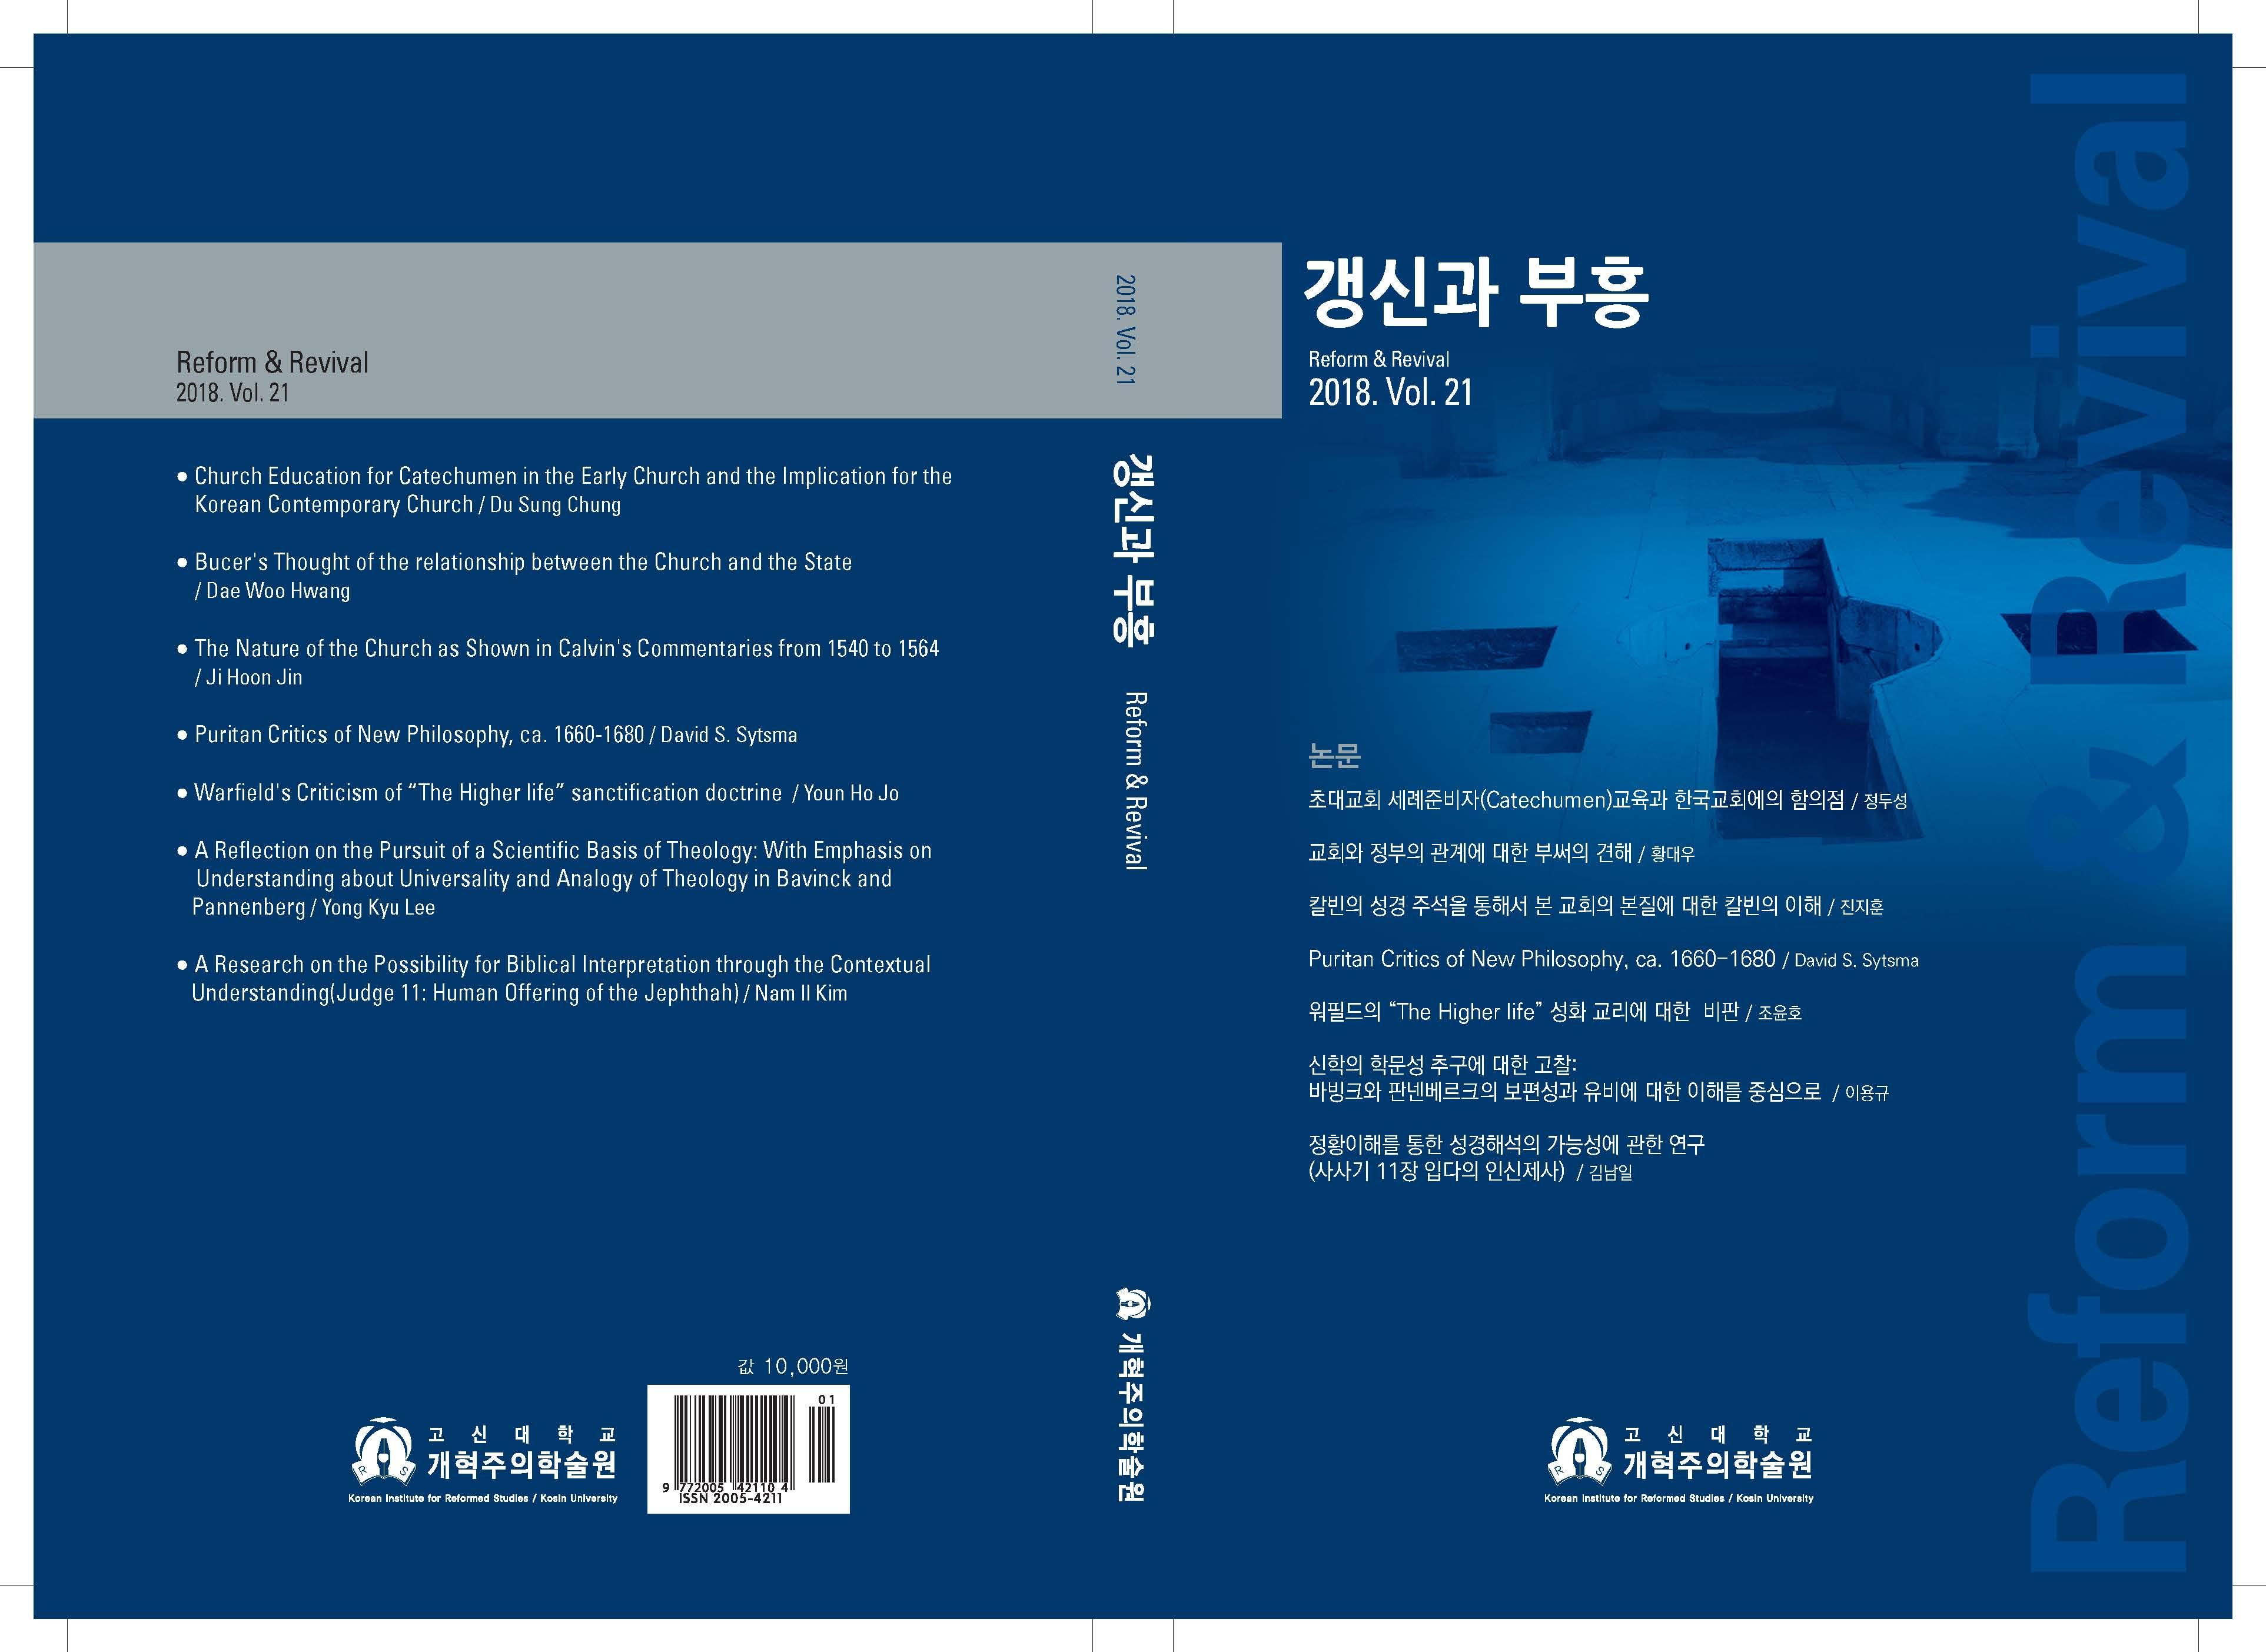 표지수정-갱신과부흥 Vol.21_Page_1.jpg